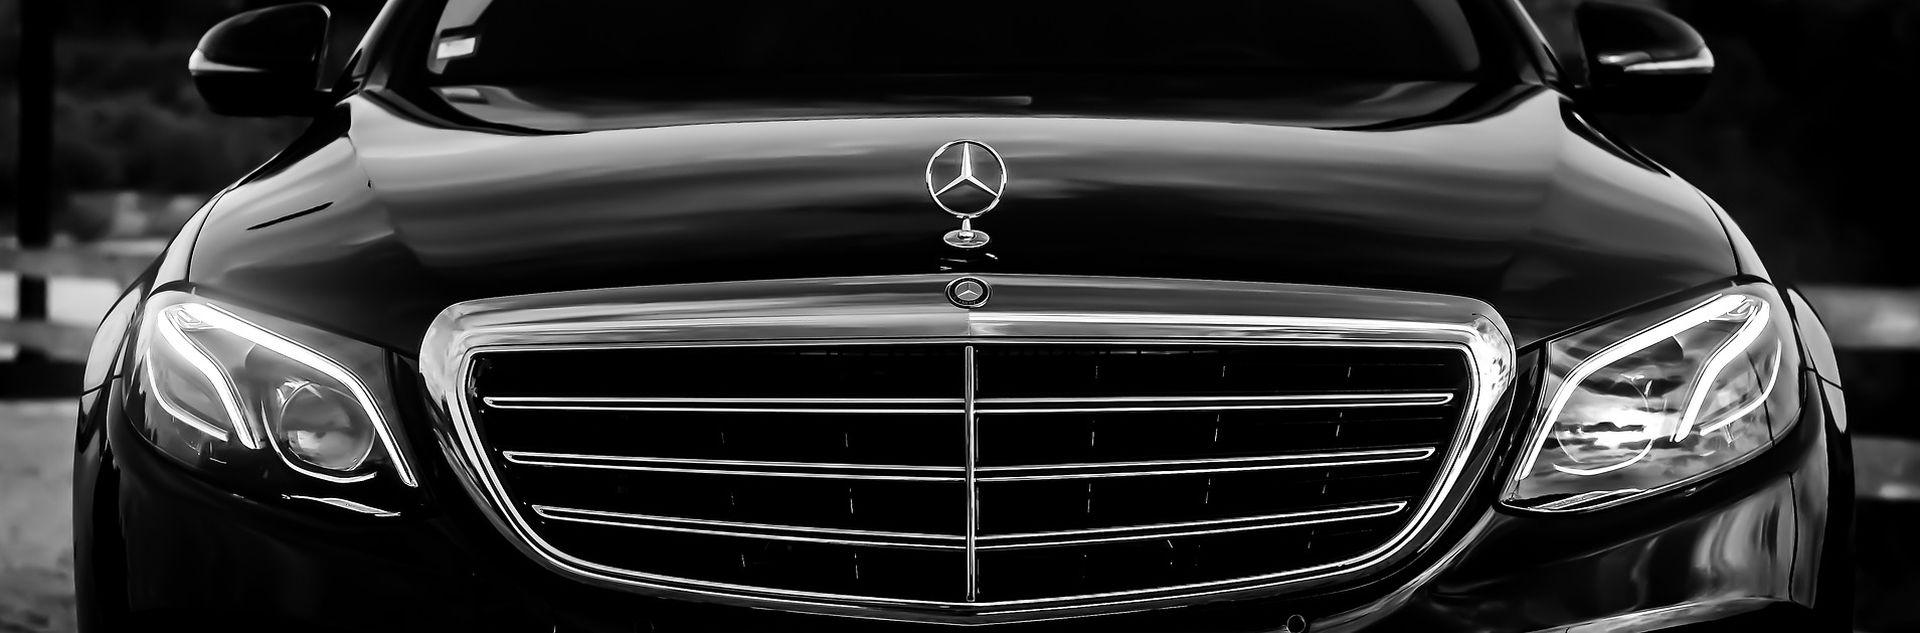 Svećenik u skupom Mercedesu: 'Zar ga vi ne bi kupili da možete?'